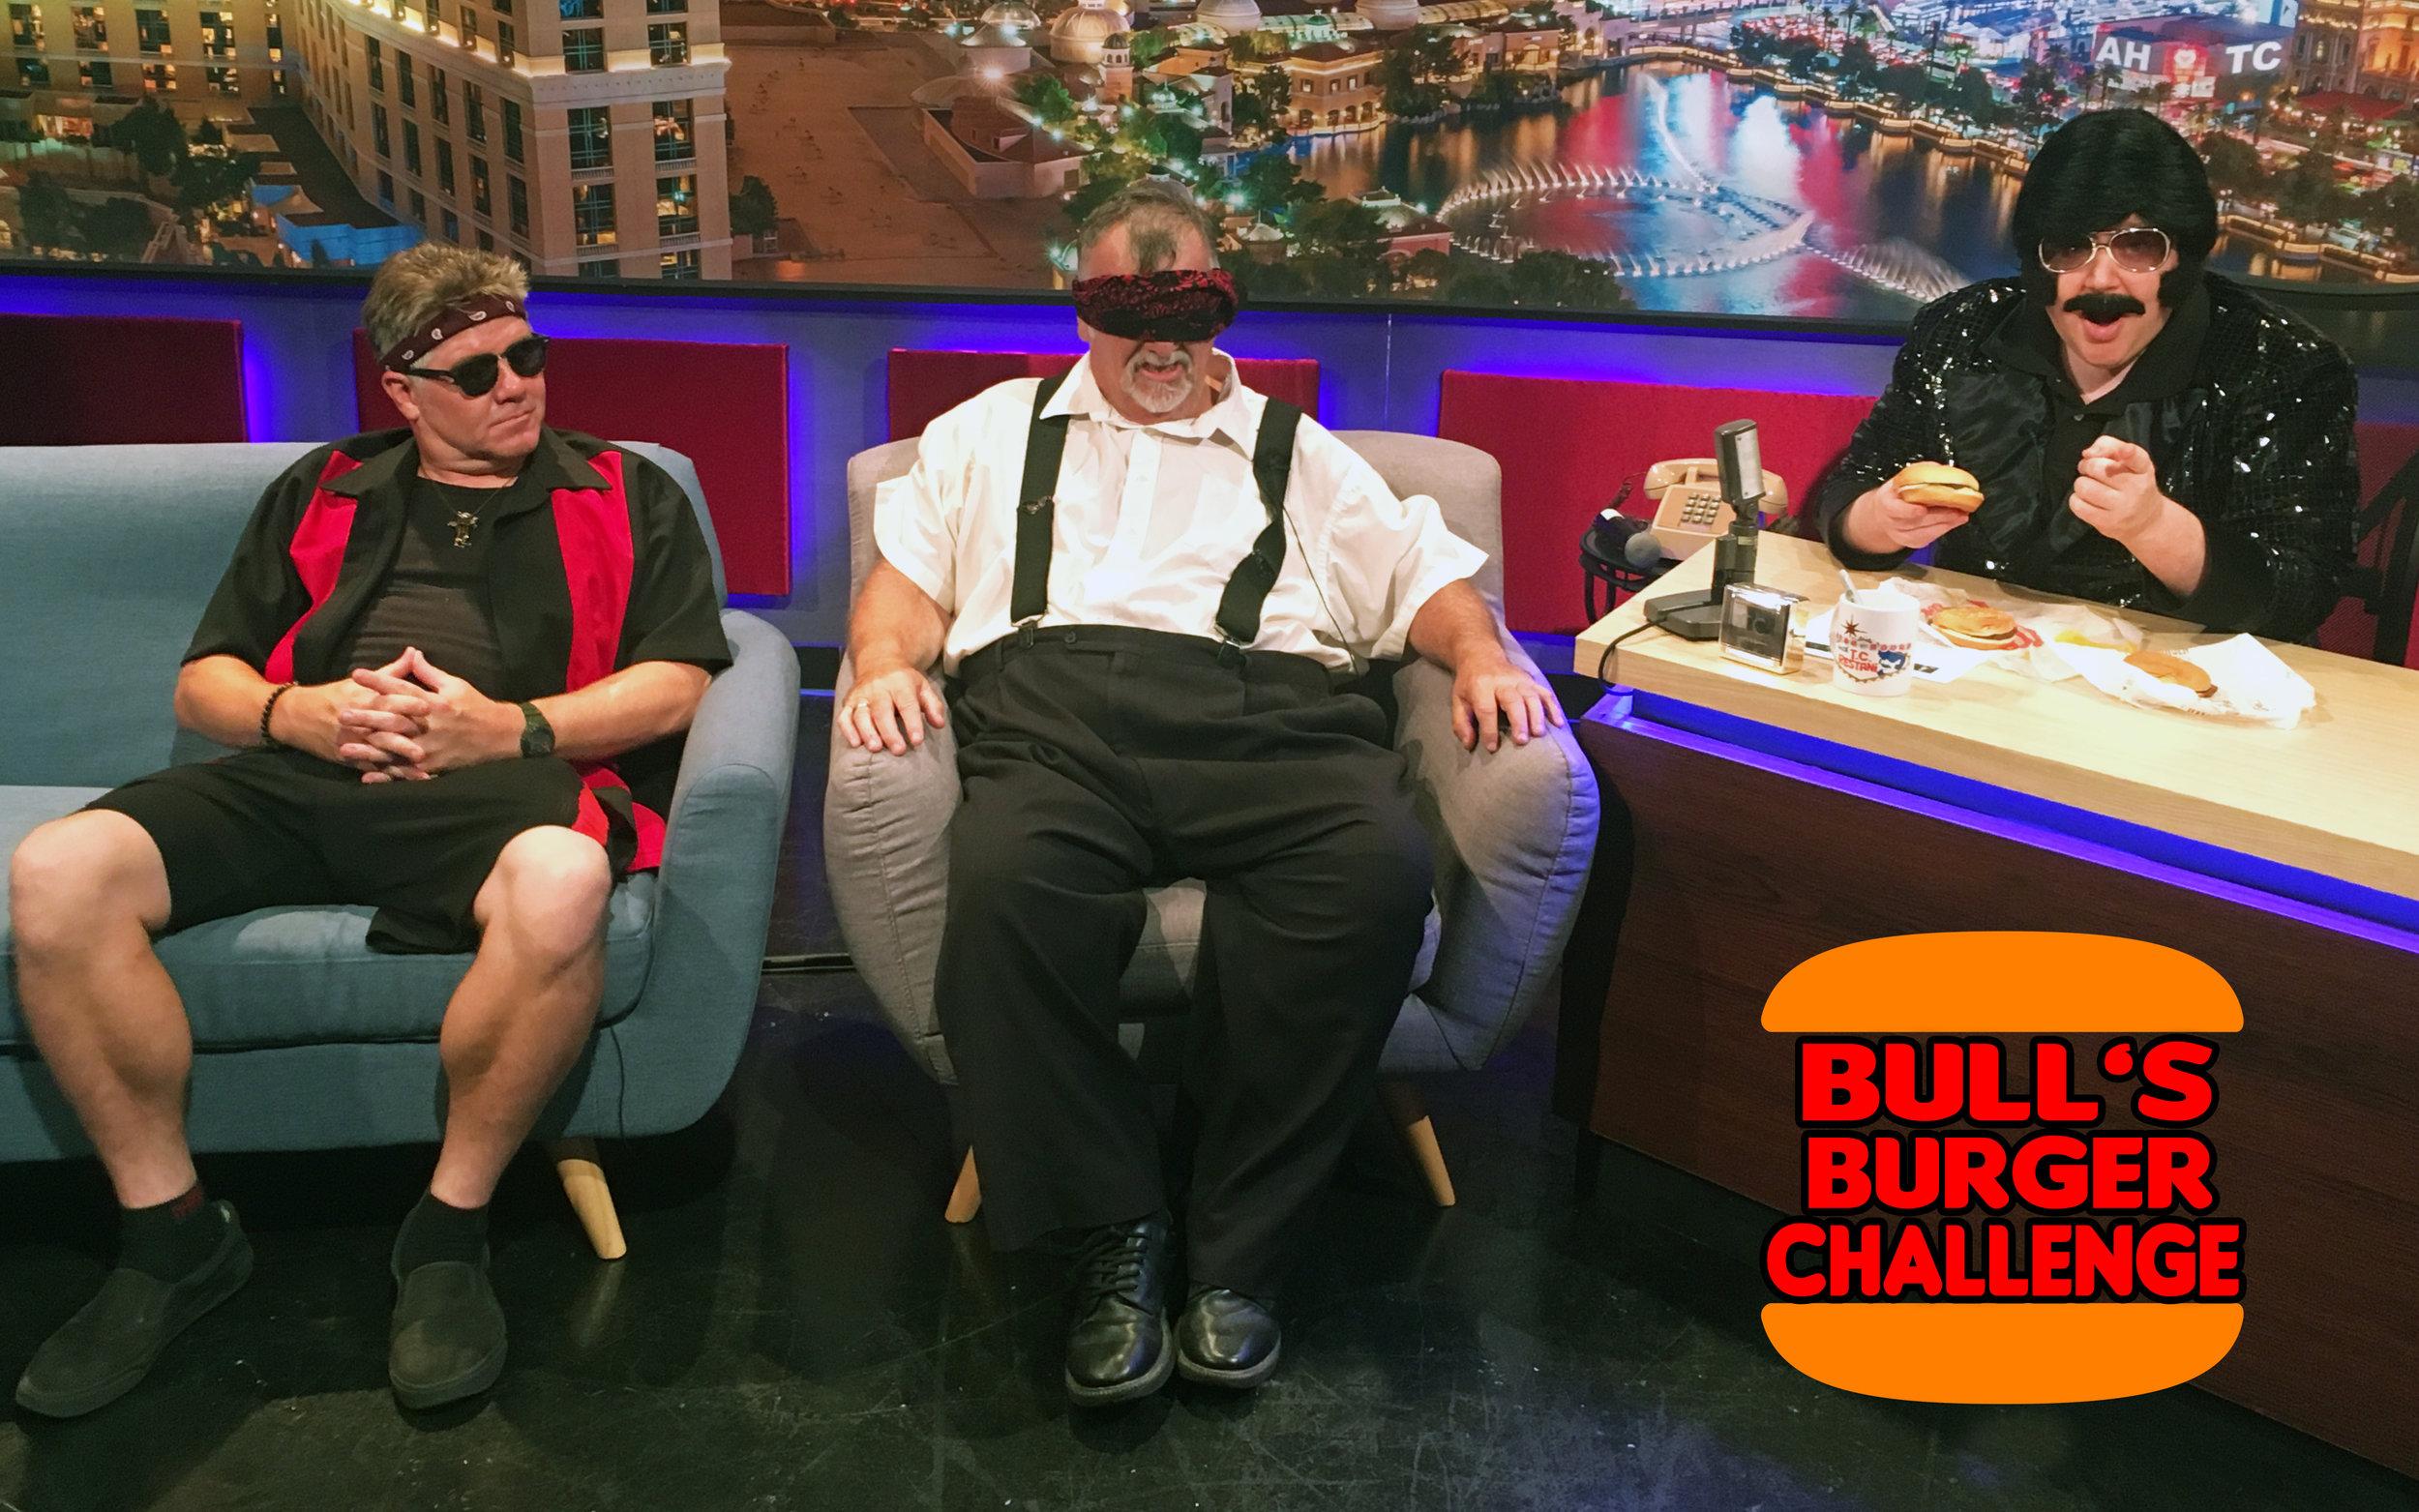 Bull's Burger Challenge